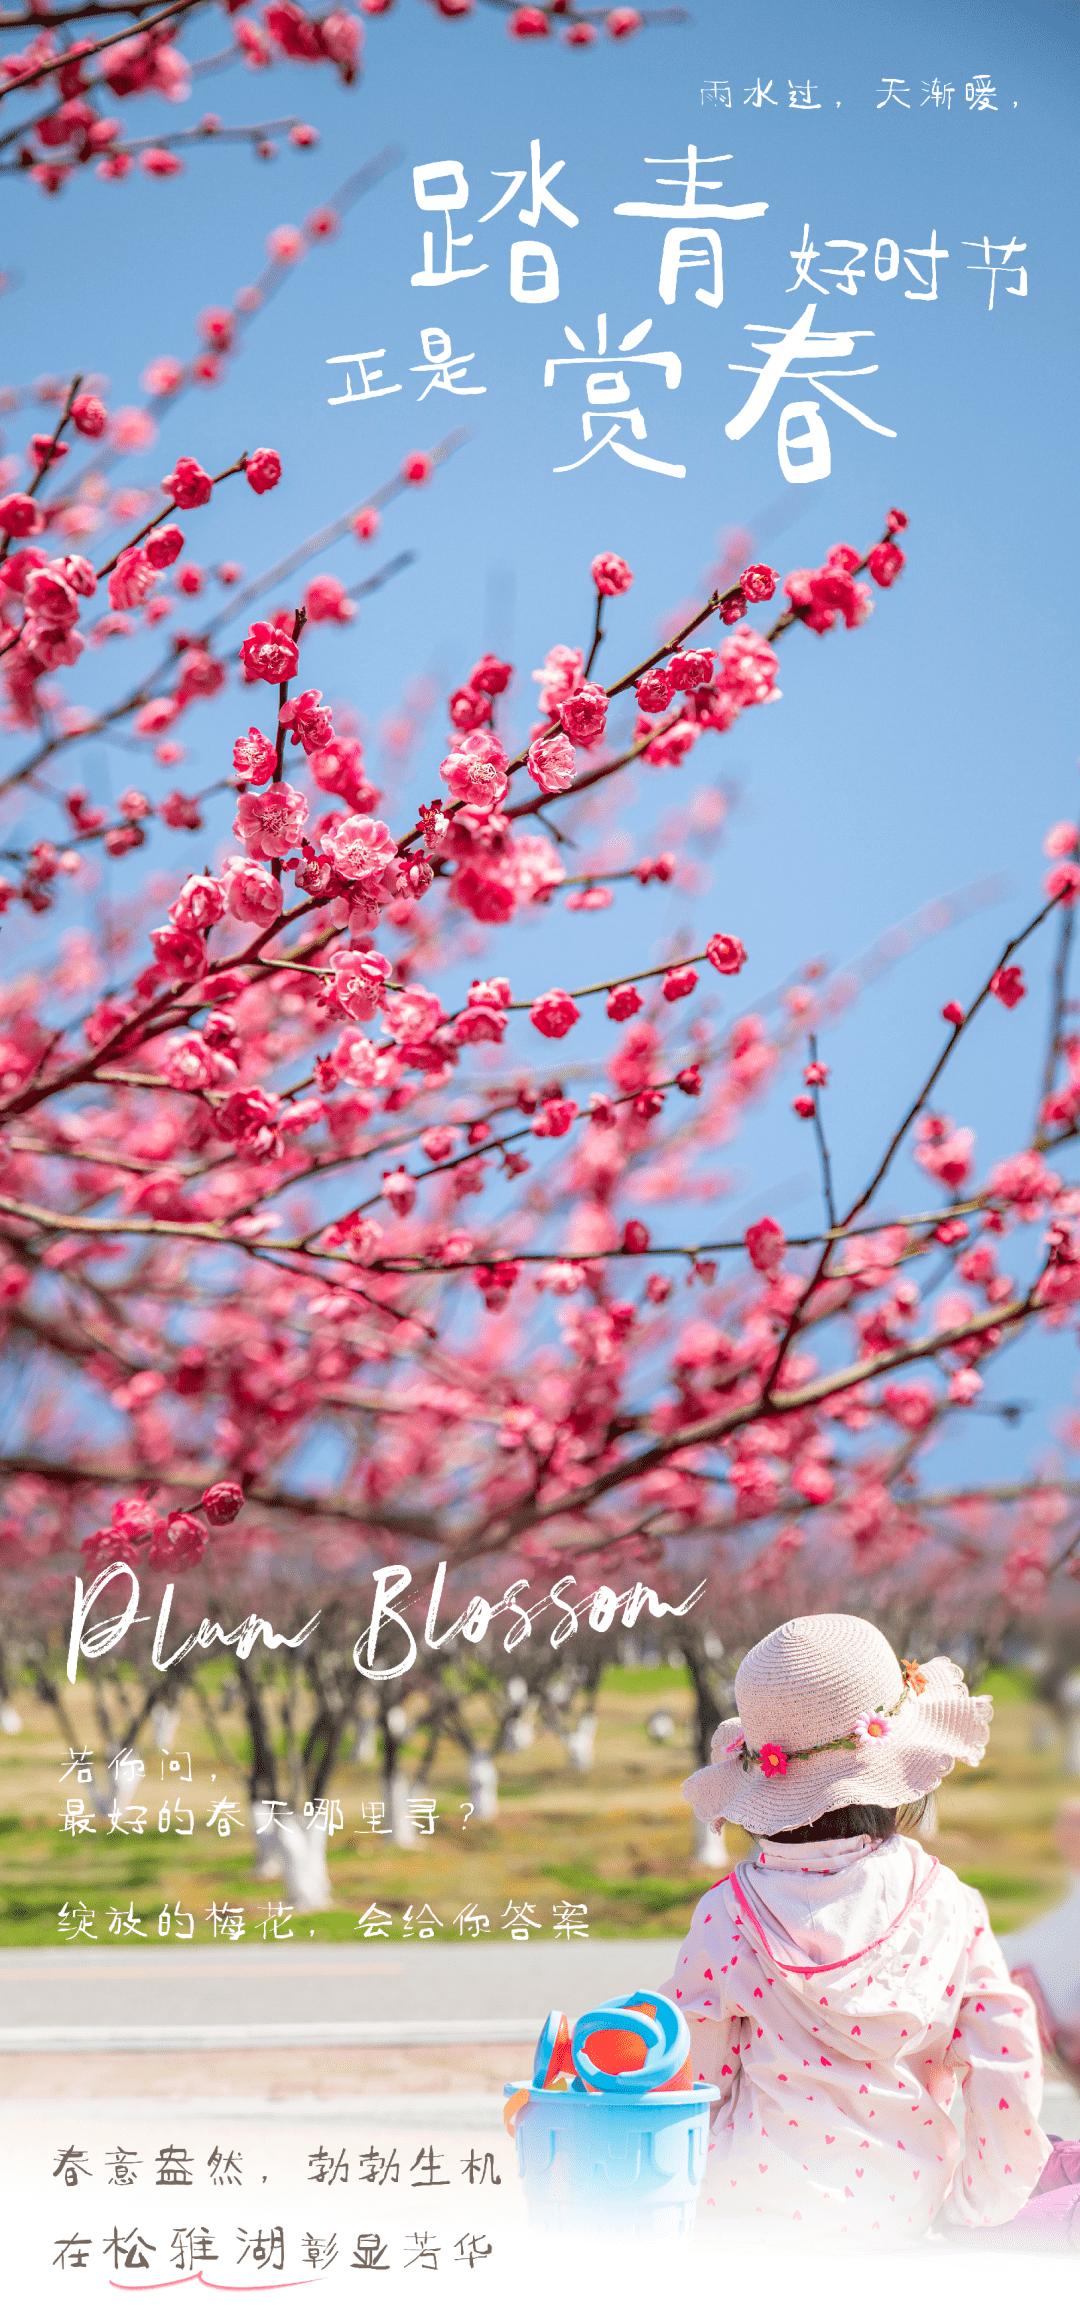 踏青赏花好时光,在长沙与花儿来一场春日邂逅!